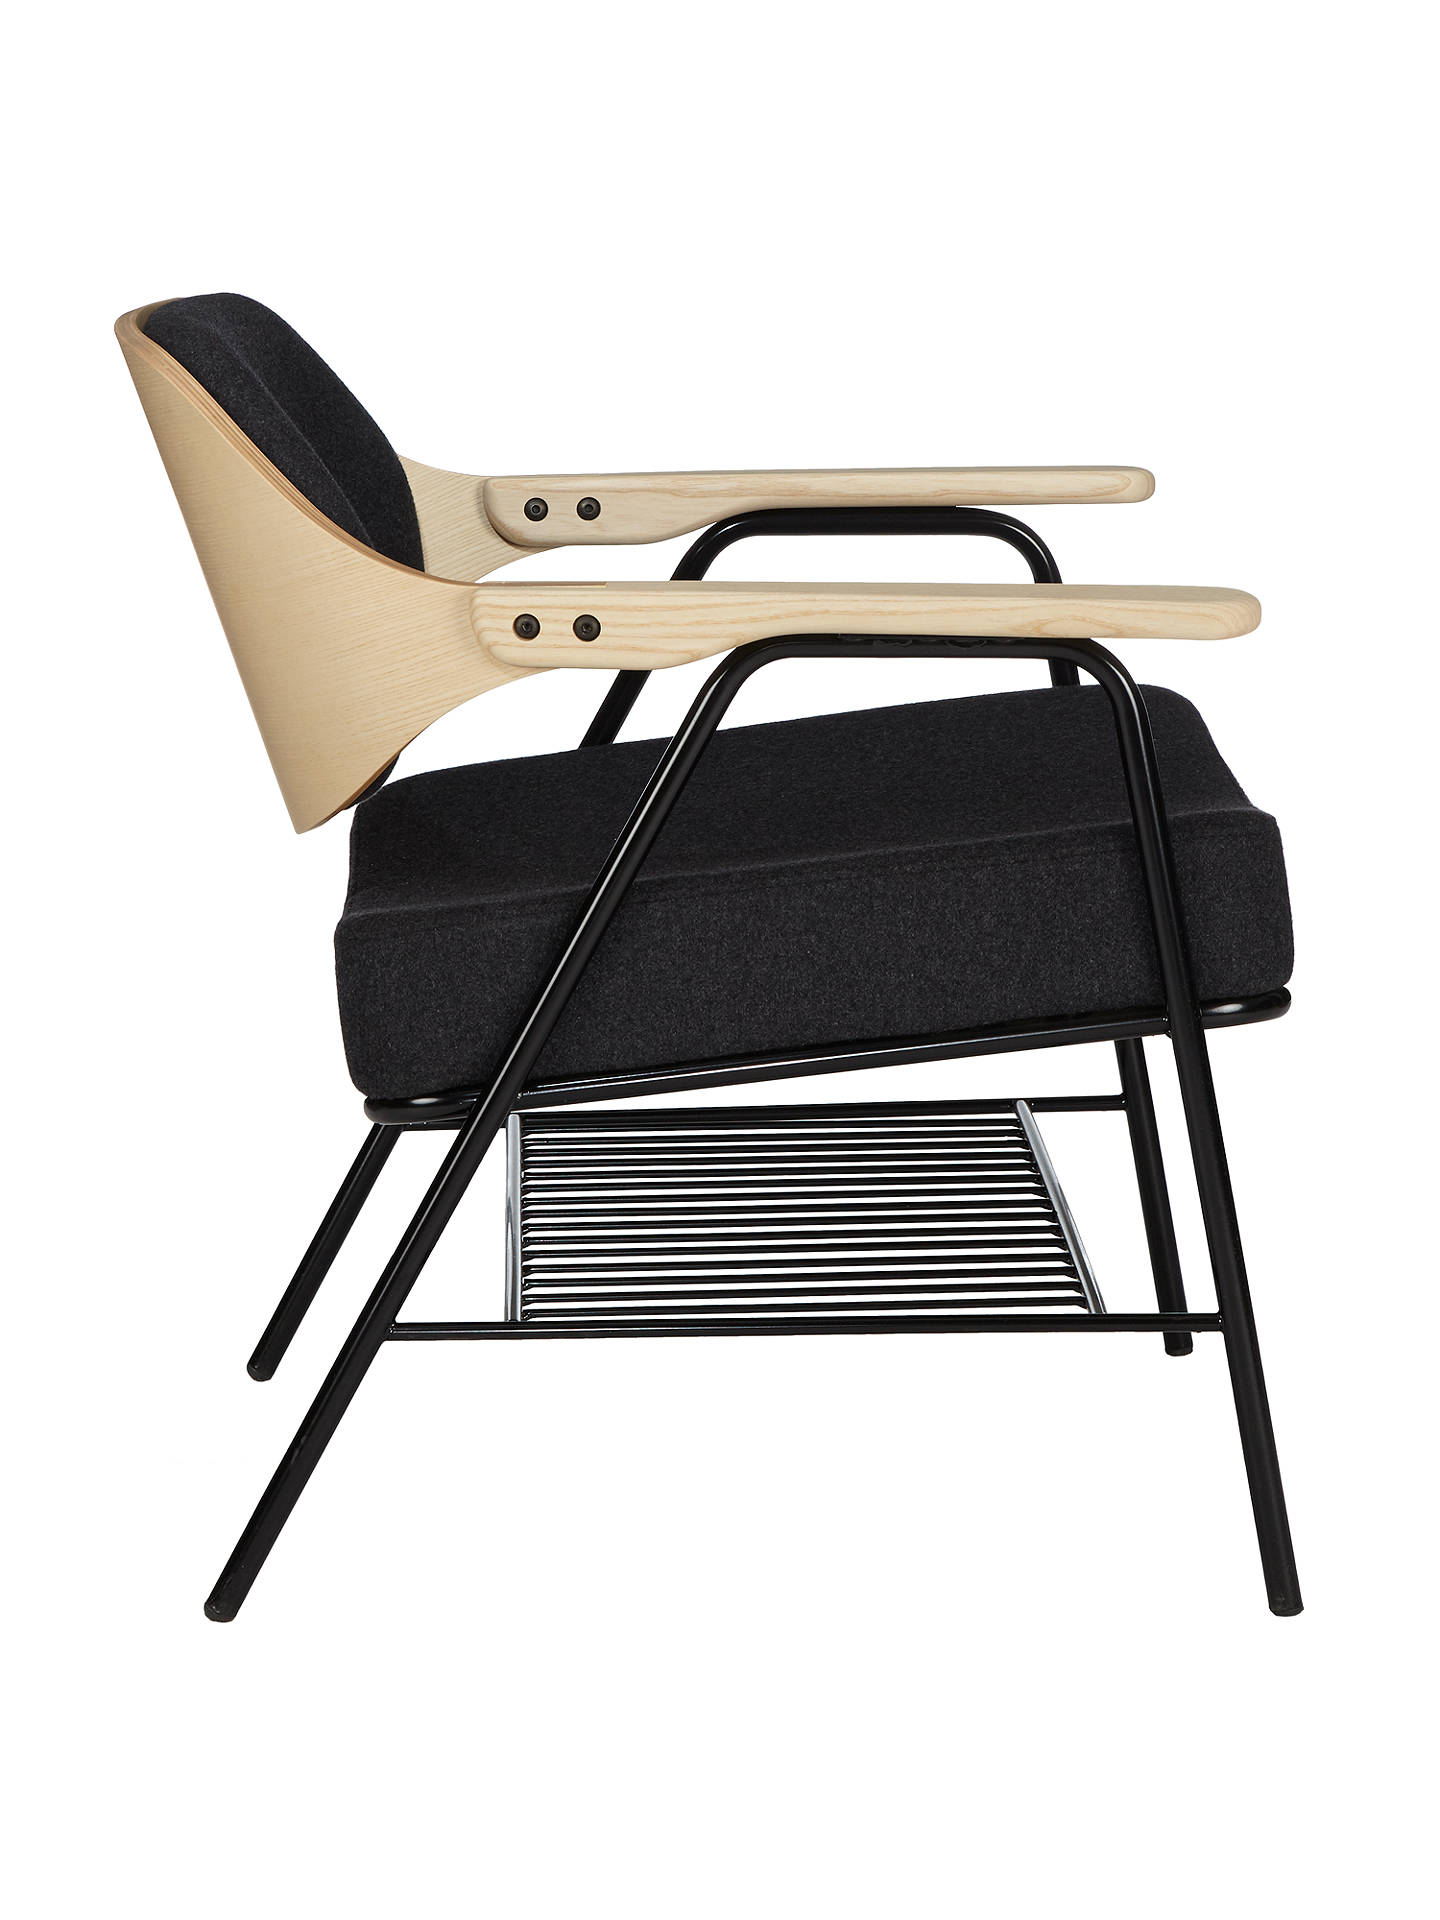 Astonishing Oliver Hrubiak For John Lewis Finn Lounge Chair Dark Grey Dailytribune Chair Design For Home Dailytribuneorg